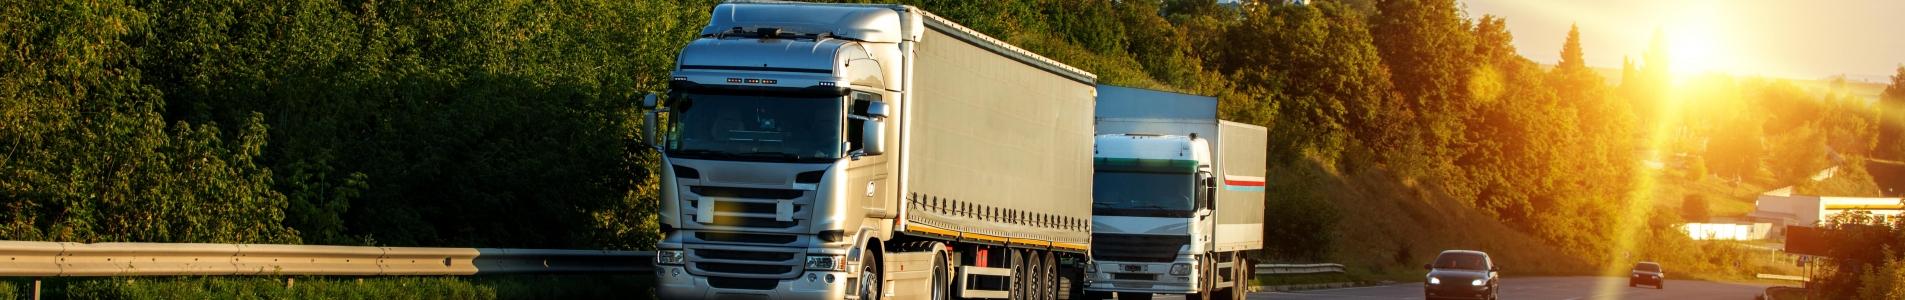 Rozliczanie podróży służbowych kierowcy w ruchu krajowym oraz zagranicznym